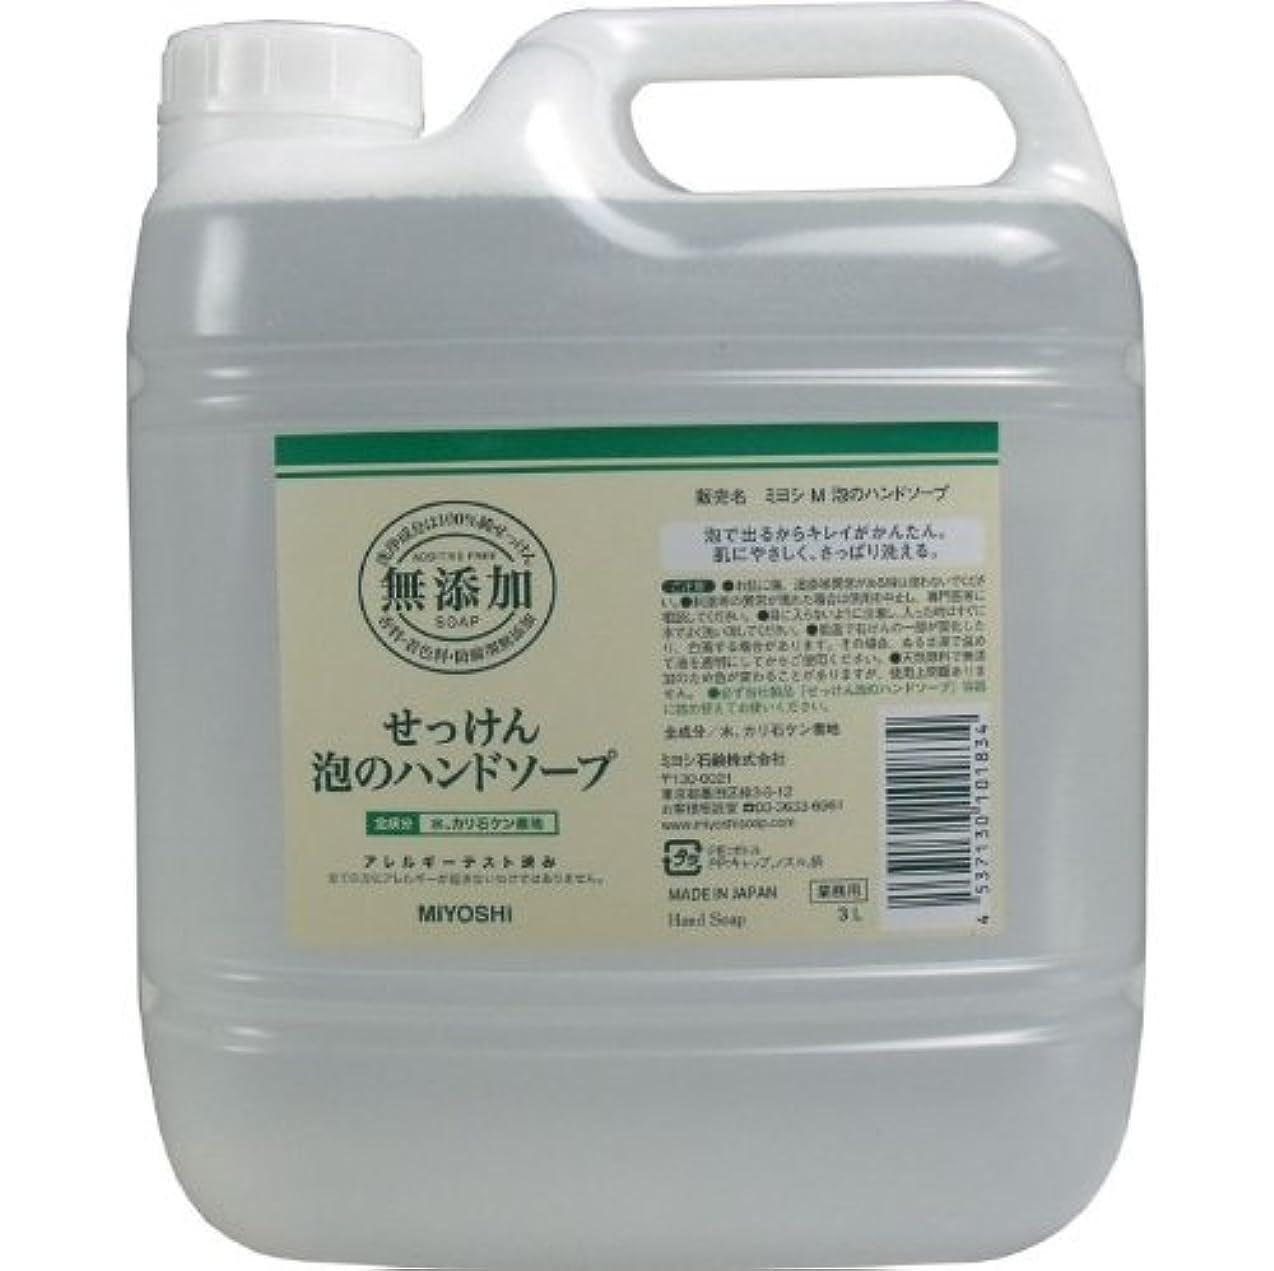 中級タックピッチャー泡で出るからキレイが簡単!家事の間のサッと洗いも簡単!香料、着色料、防腐剤無添加!(業務用)3L【3個セット】